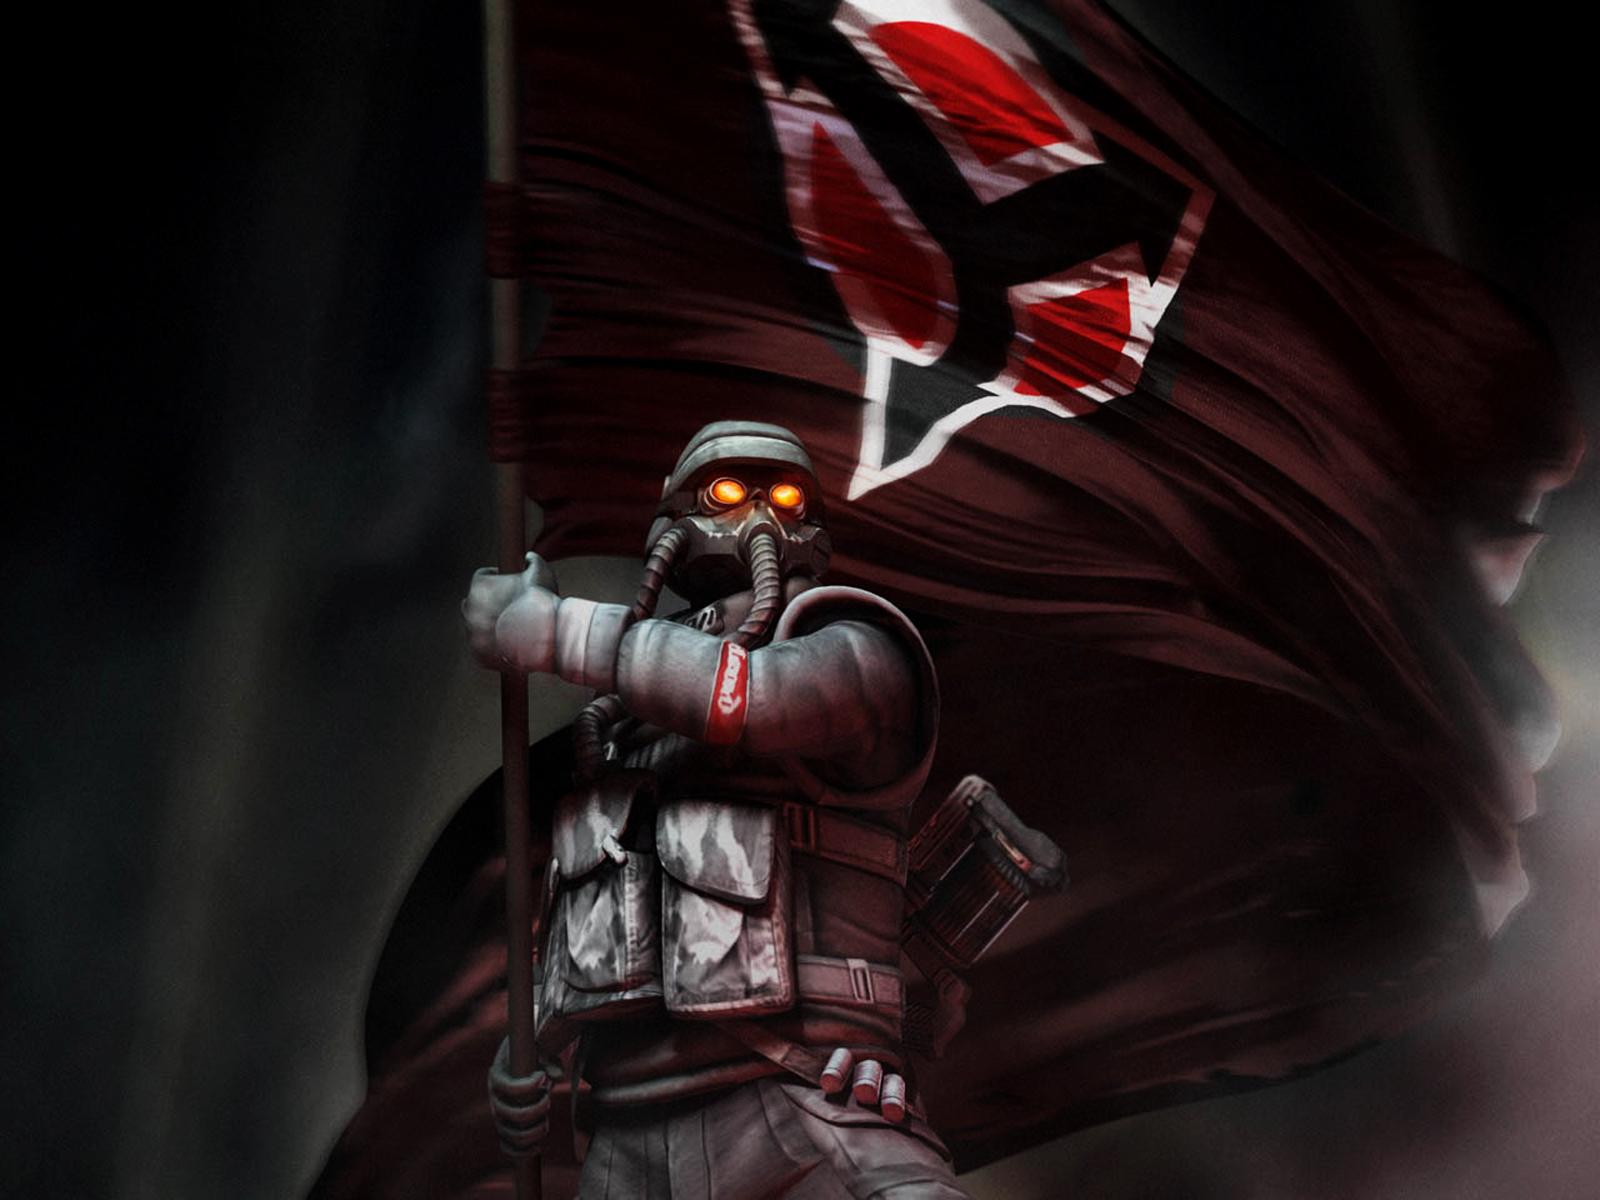 Killzone Shadow Fall Helghast Wallpaper Wallpapers Hd Killzone 1 2 3 Wallpapers Full Hd